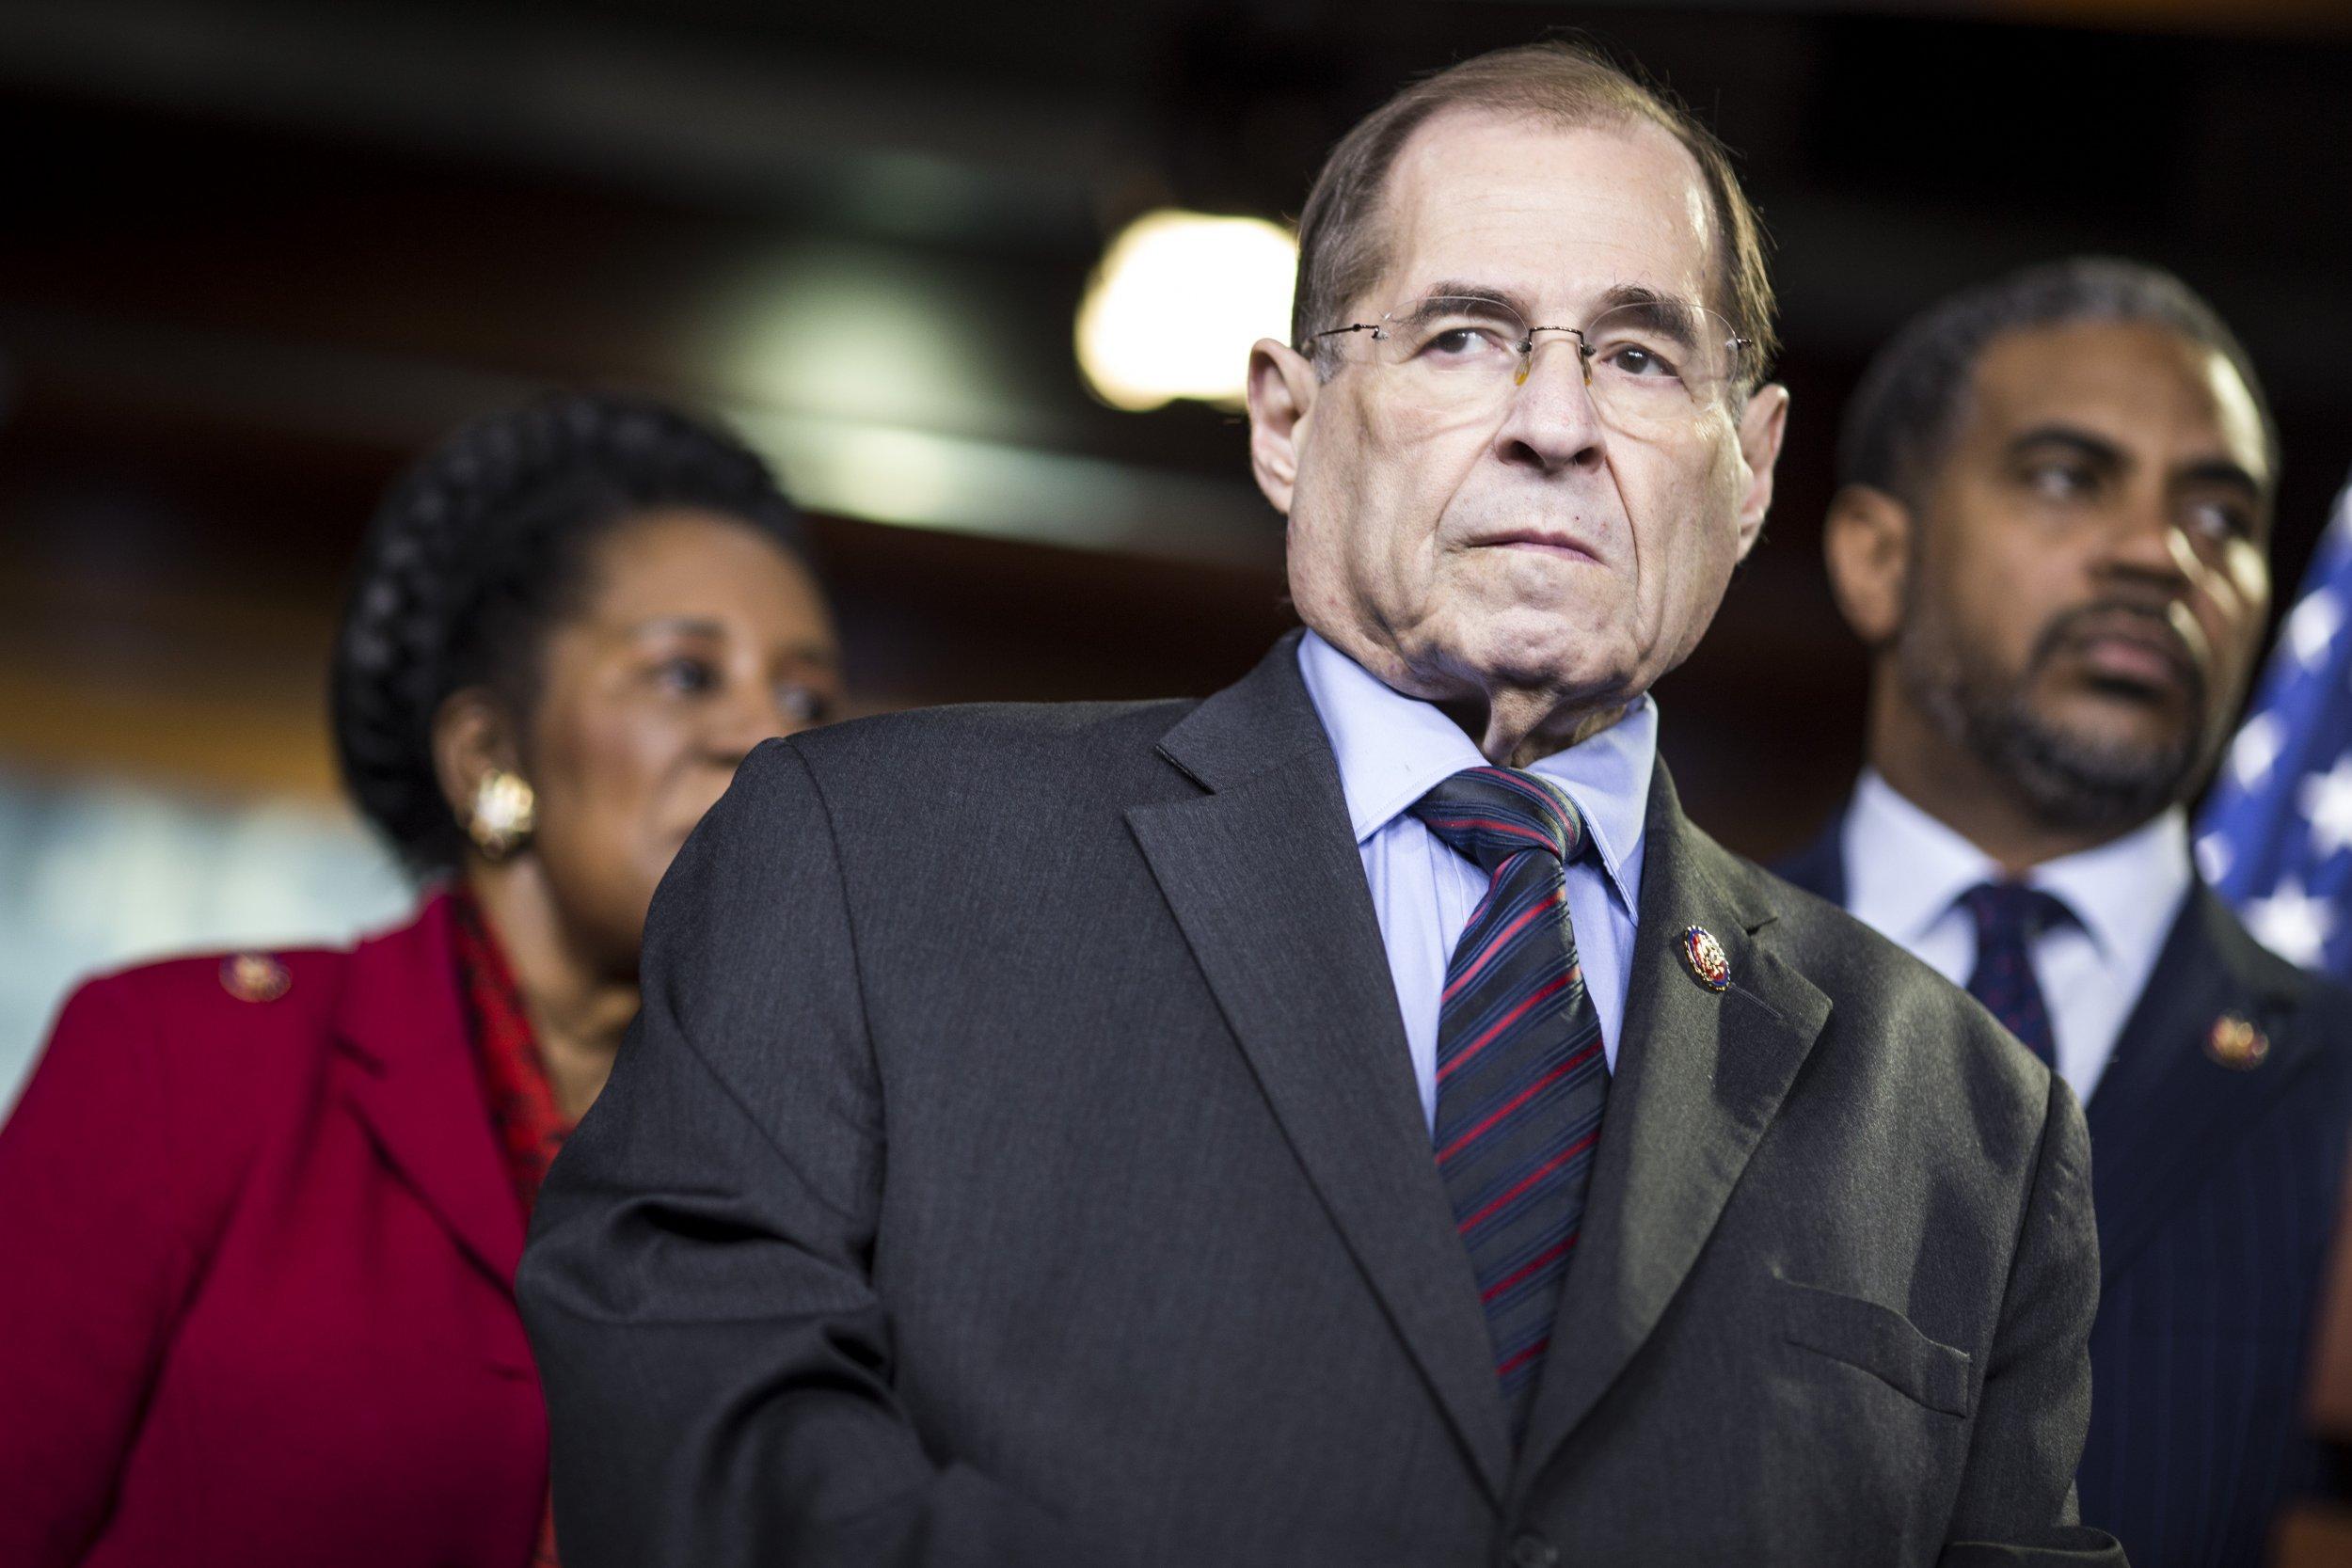 Democrats, Jerry Nadler, Monday contempt deadline